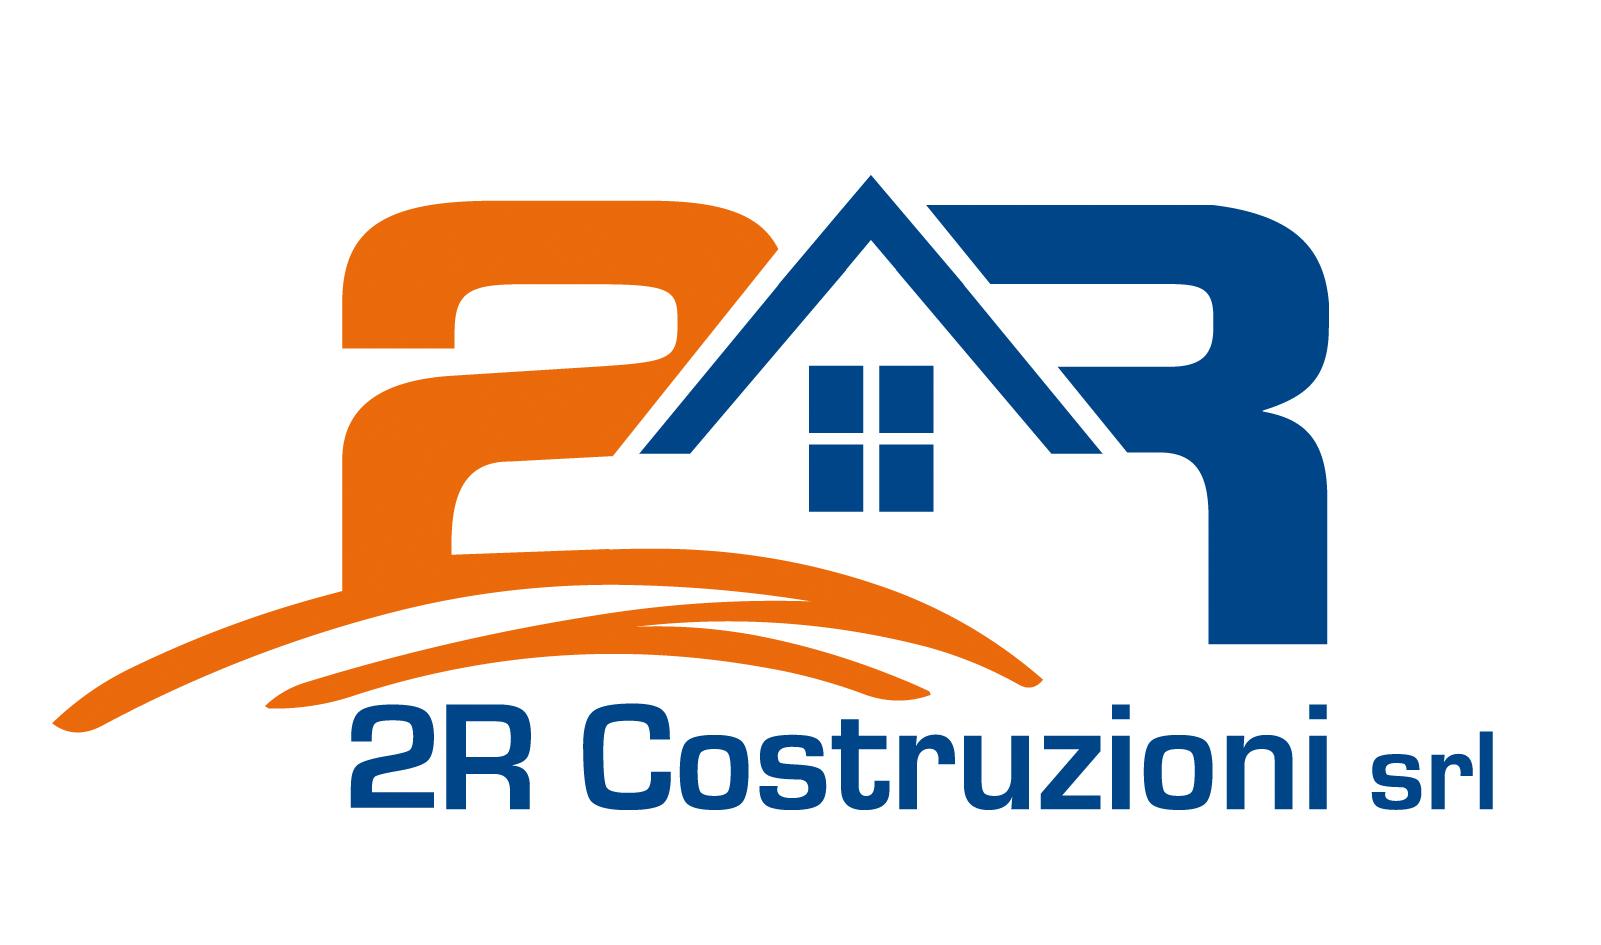 2r Costruzioni Srl